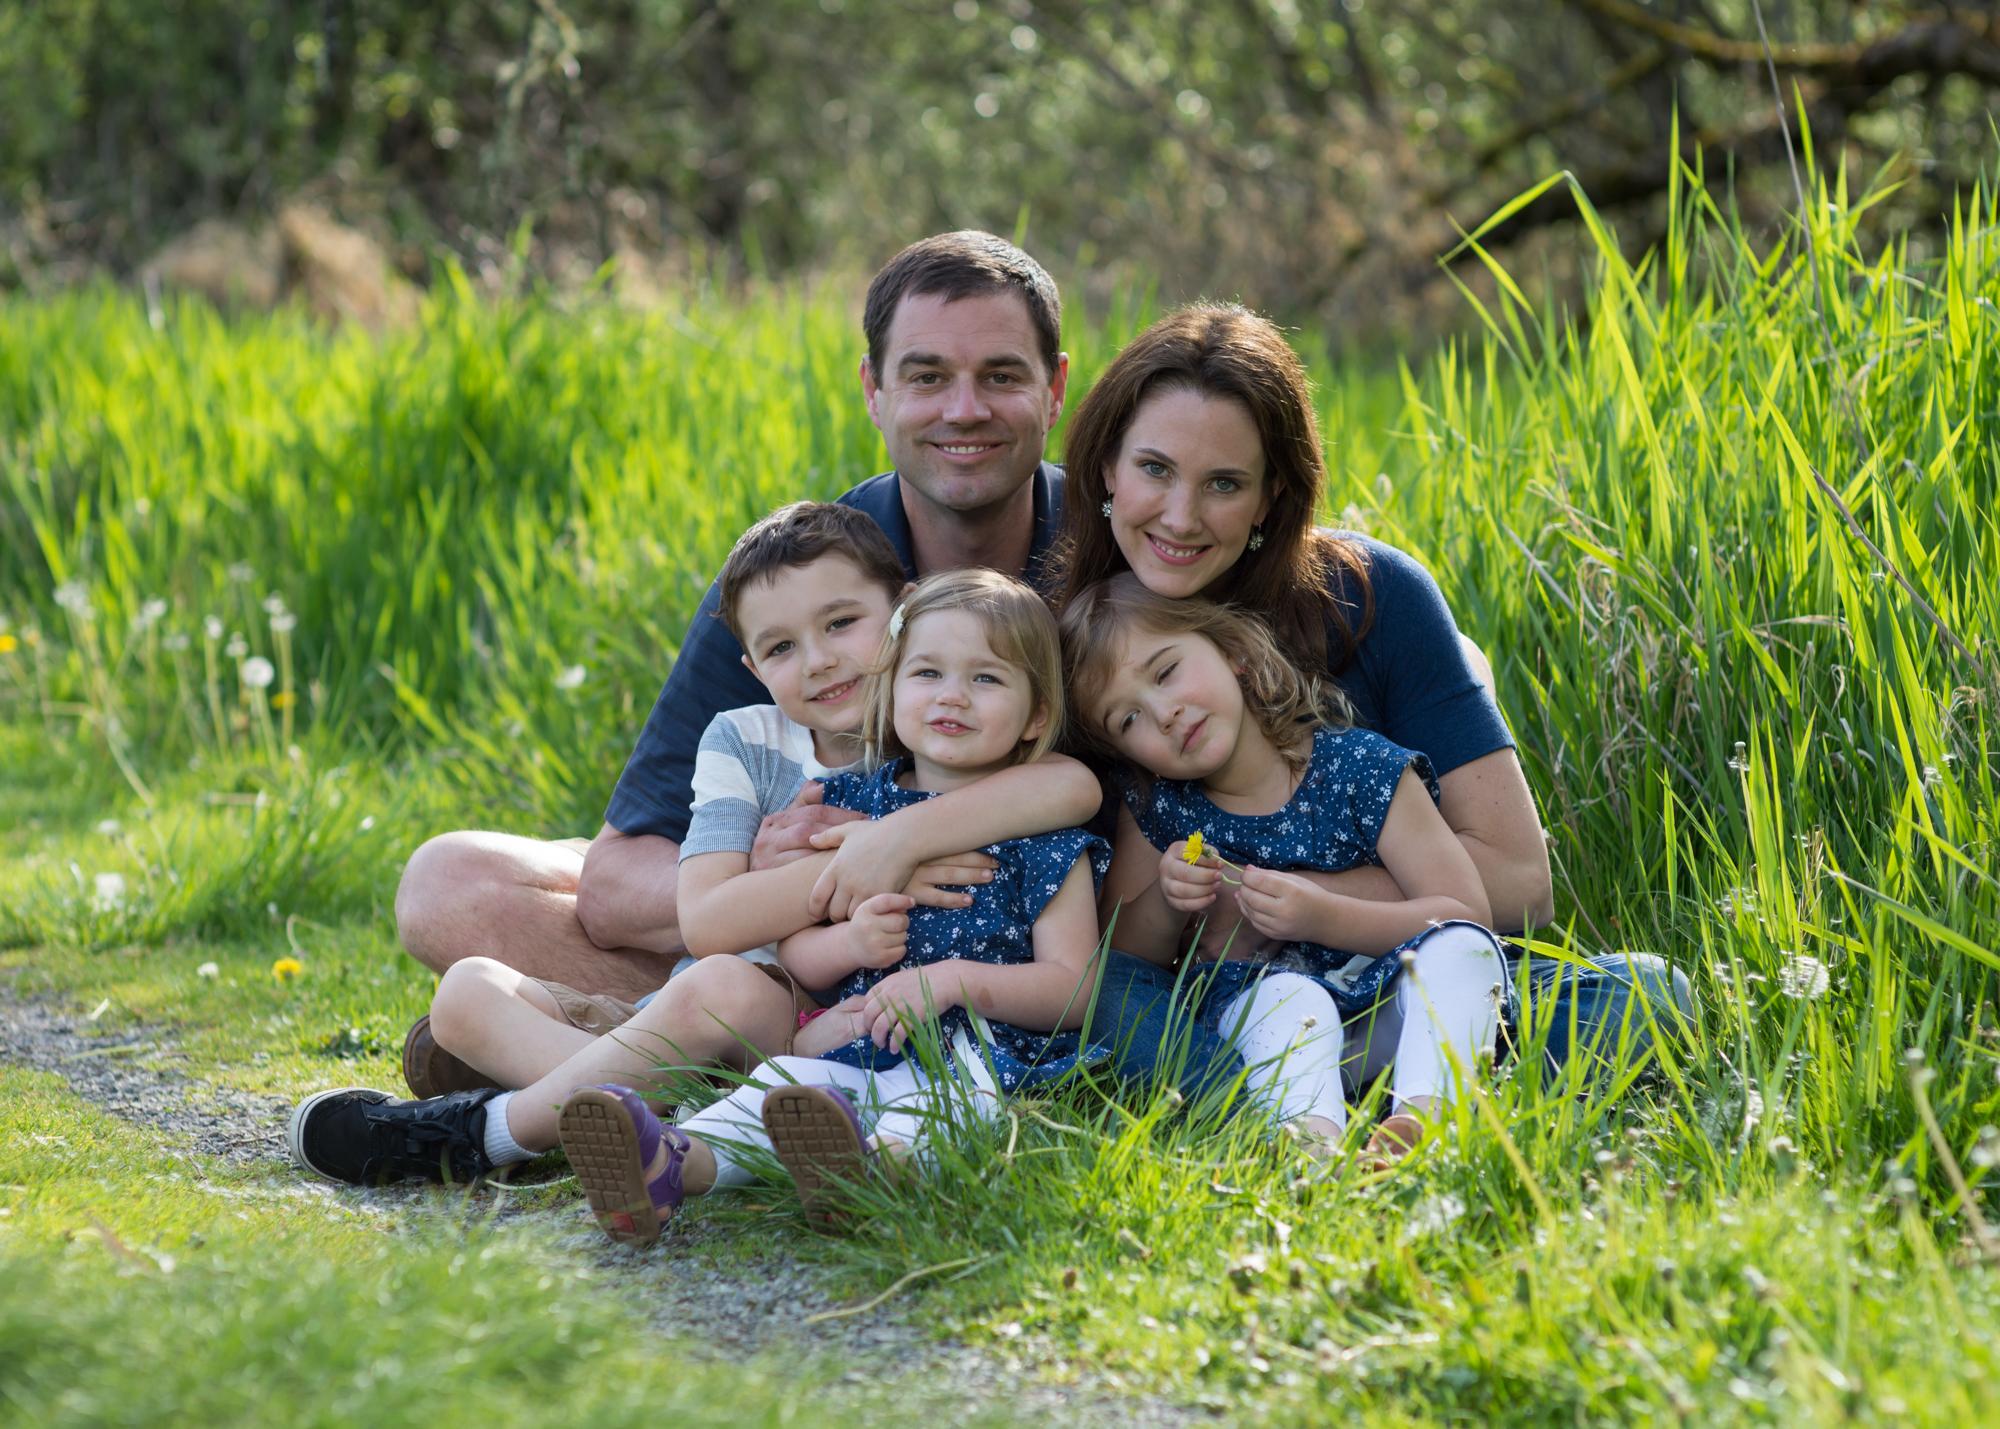 tacoma-family-photographer-10.jpg